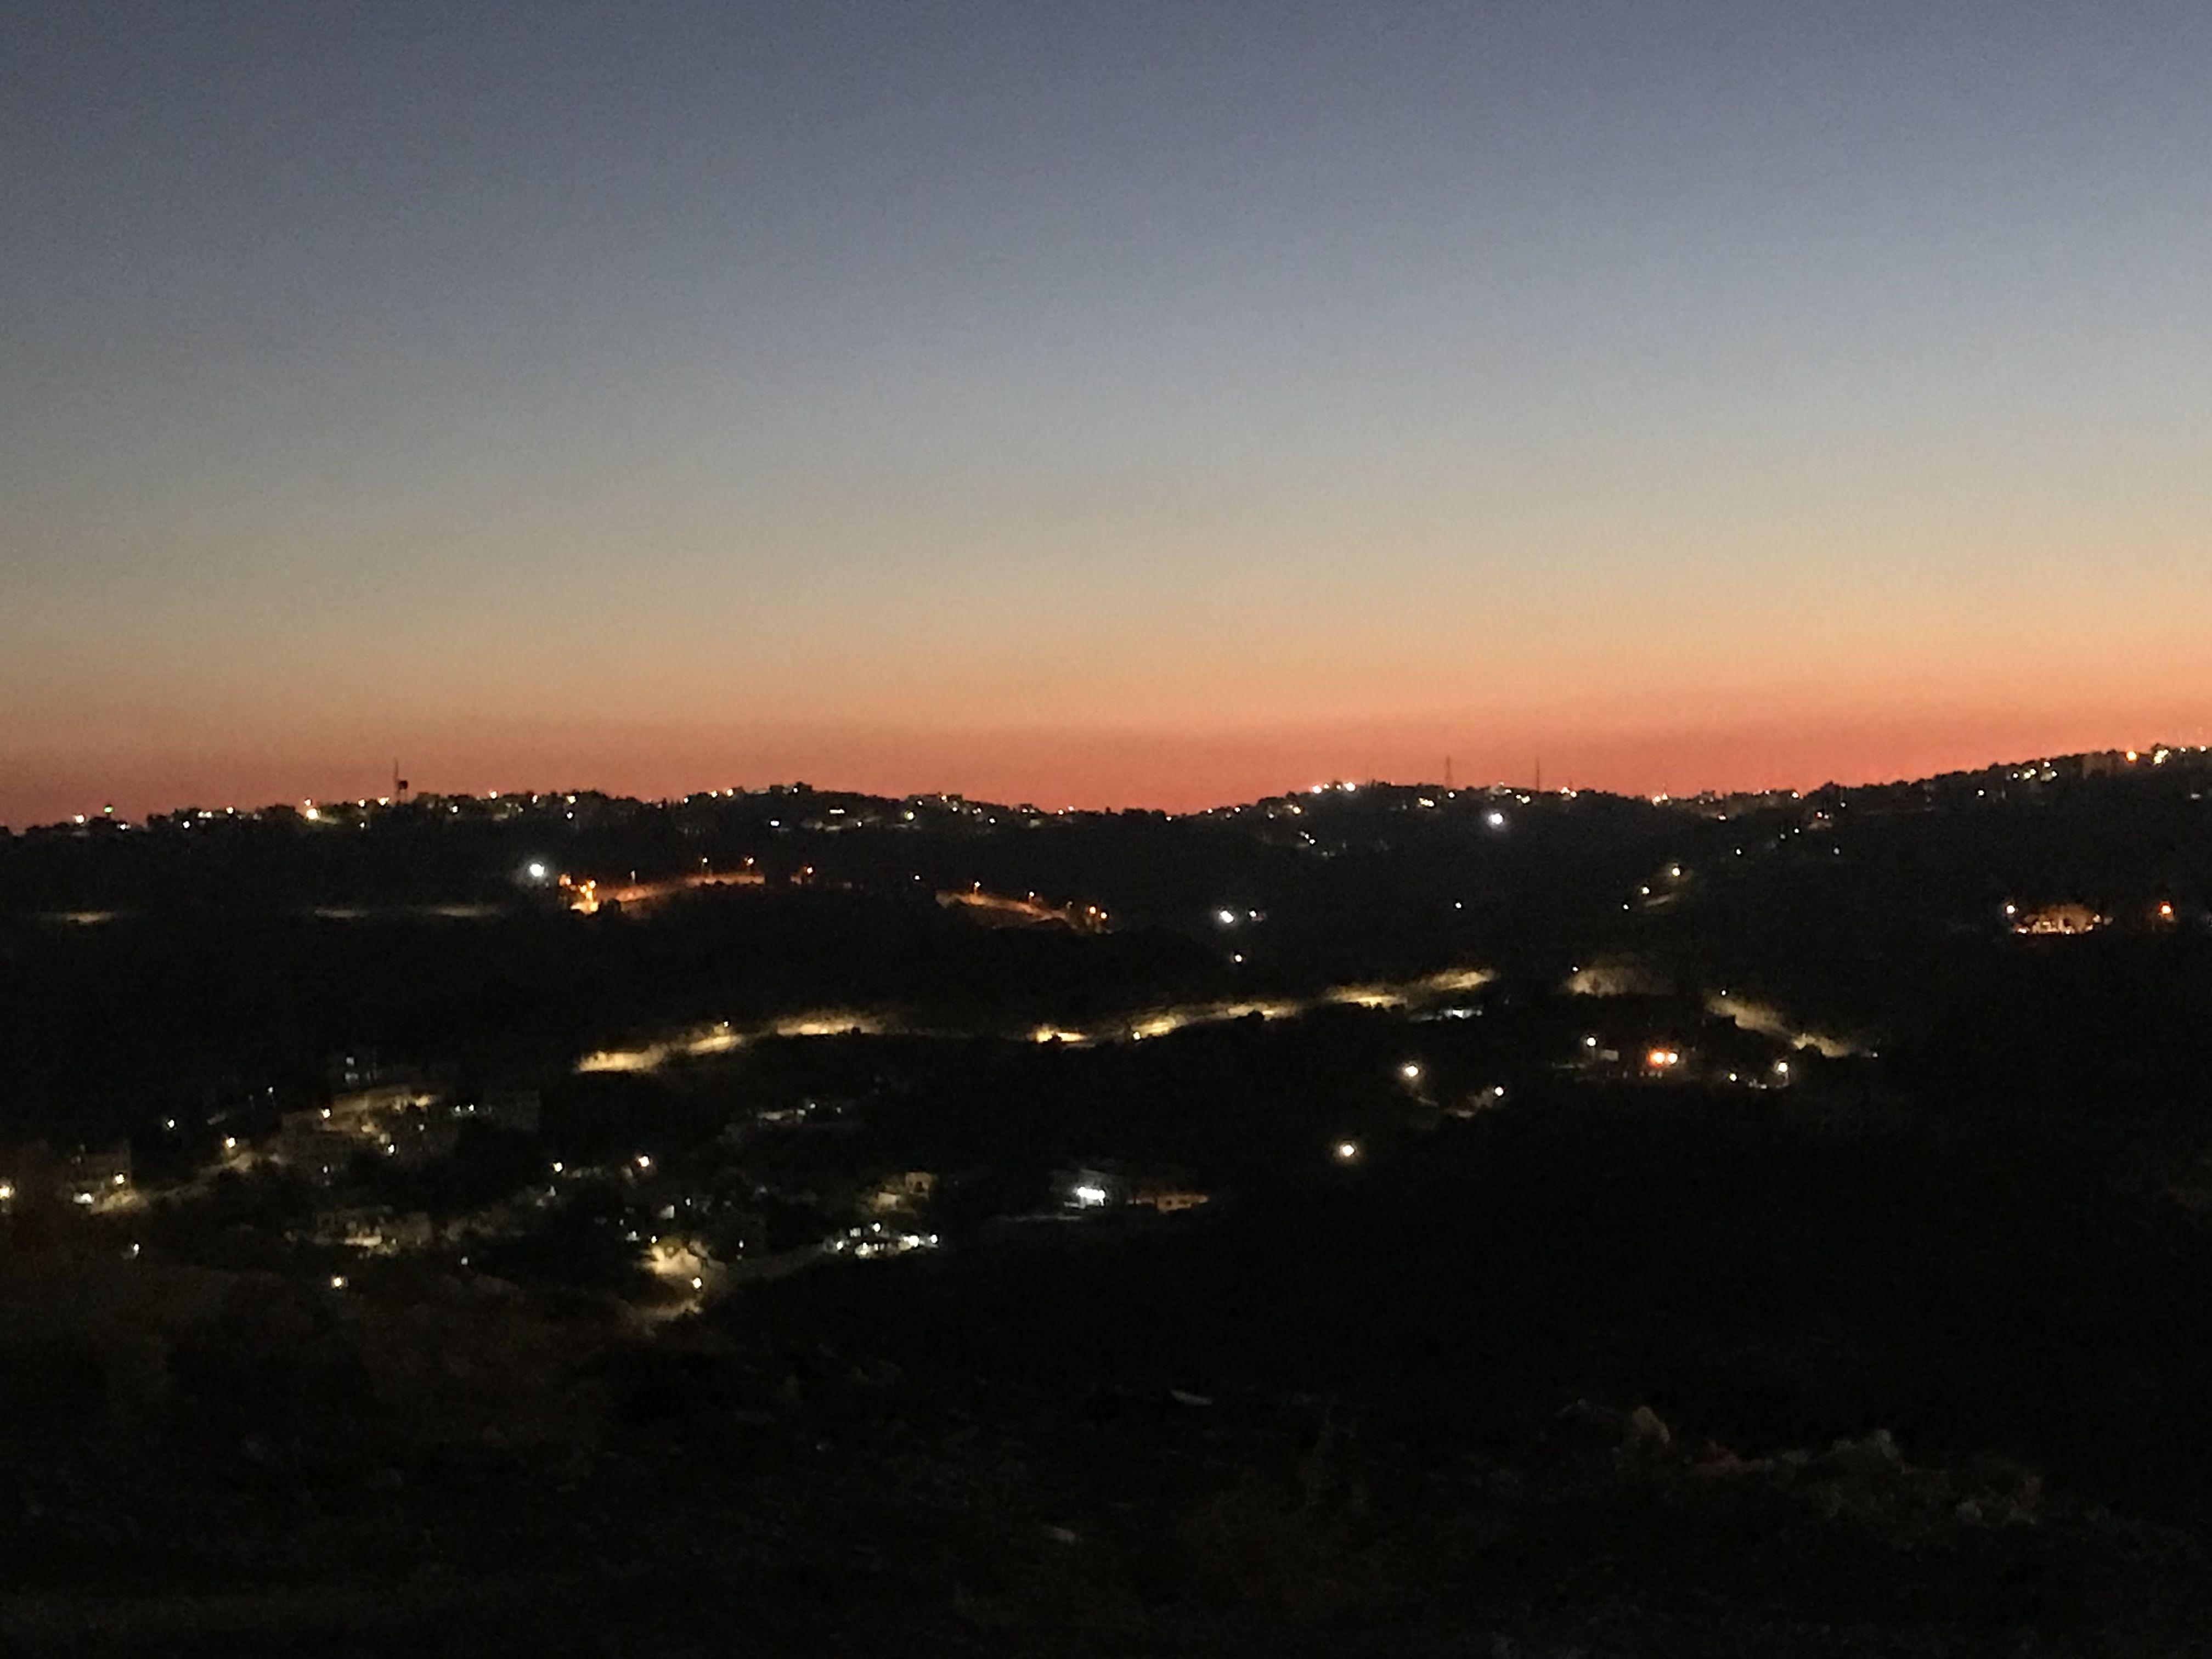 تراقصت امام عيناي اضواء المدينة بعد المغيب وكل ما تراءى لي هي عيناك وابتسامة مع الشفق تبدد الليالي الحزينة Amman Summer 2018 Celestial Sunset Outdoor